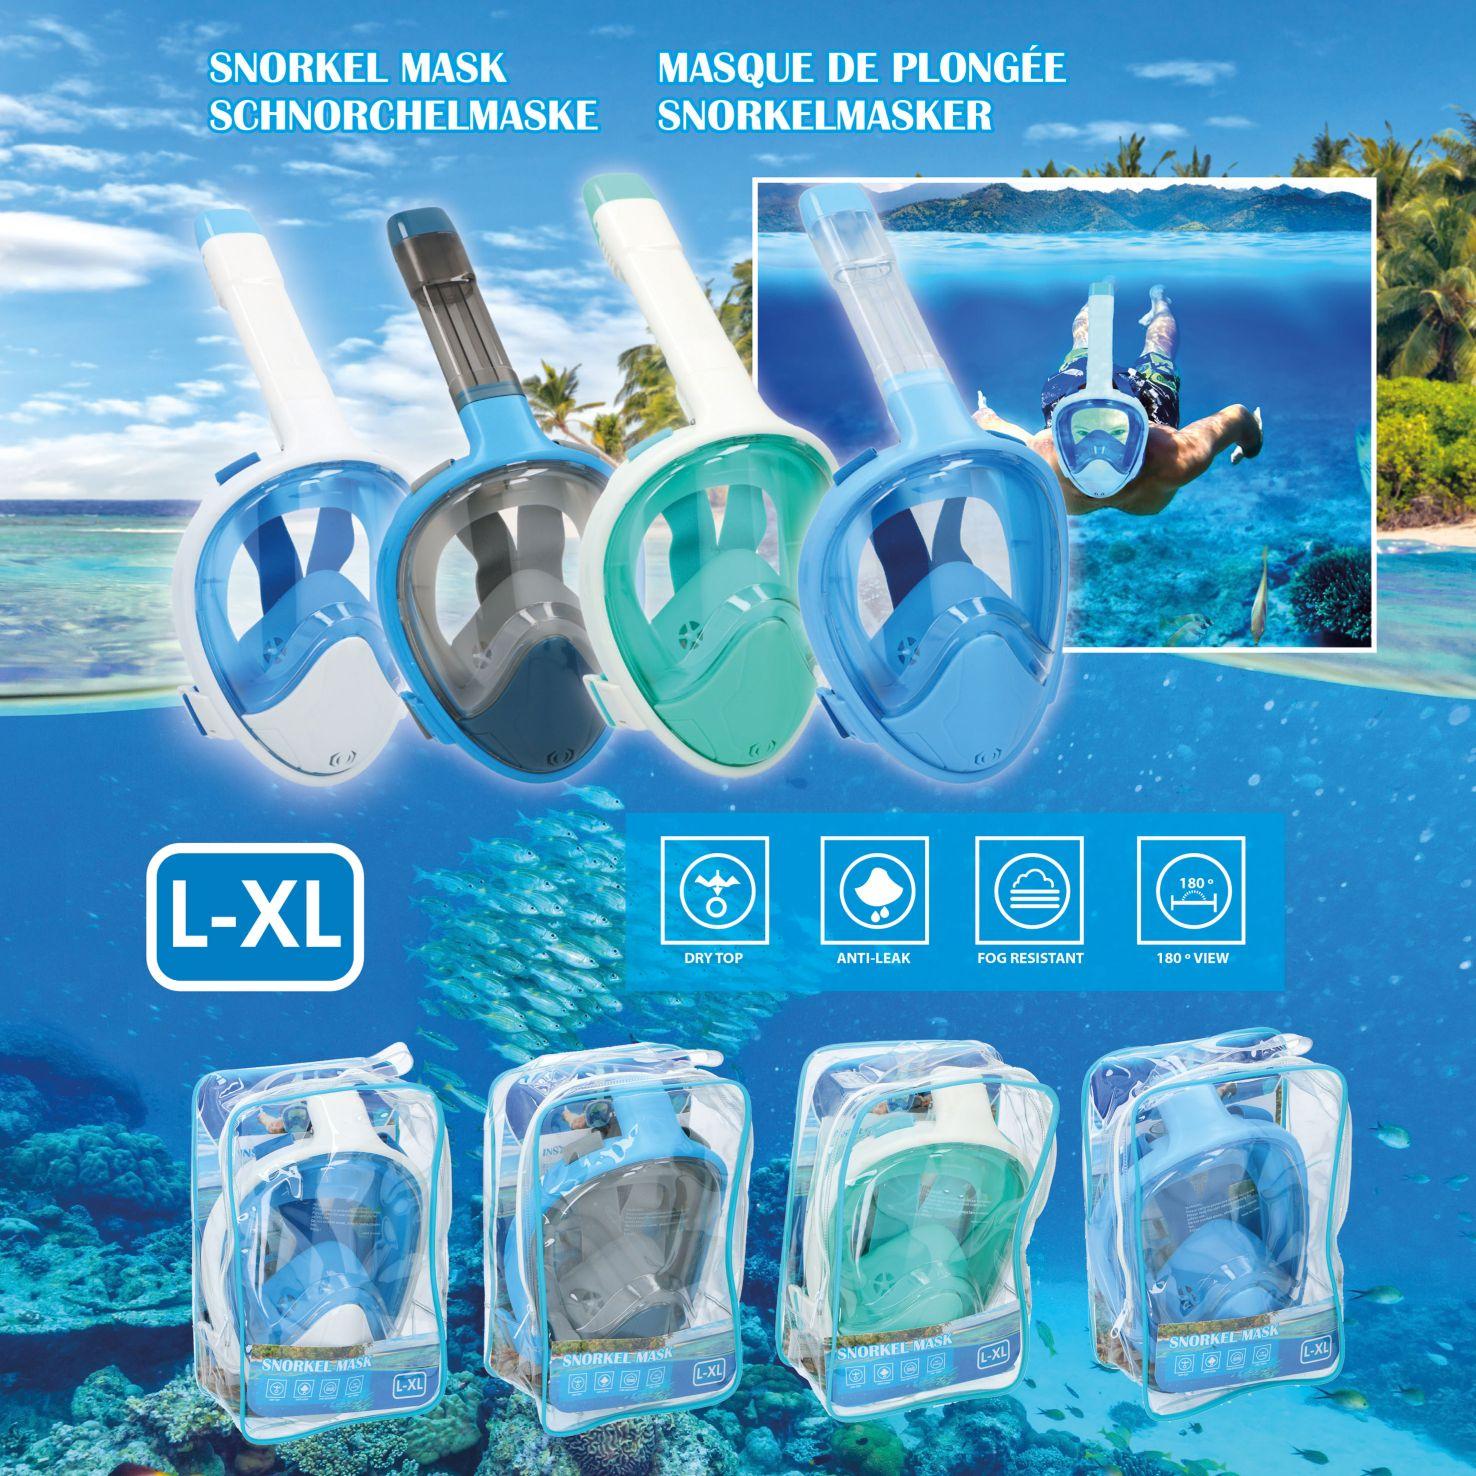 Snorkel mask l-xl